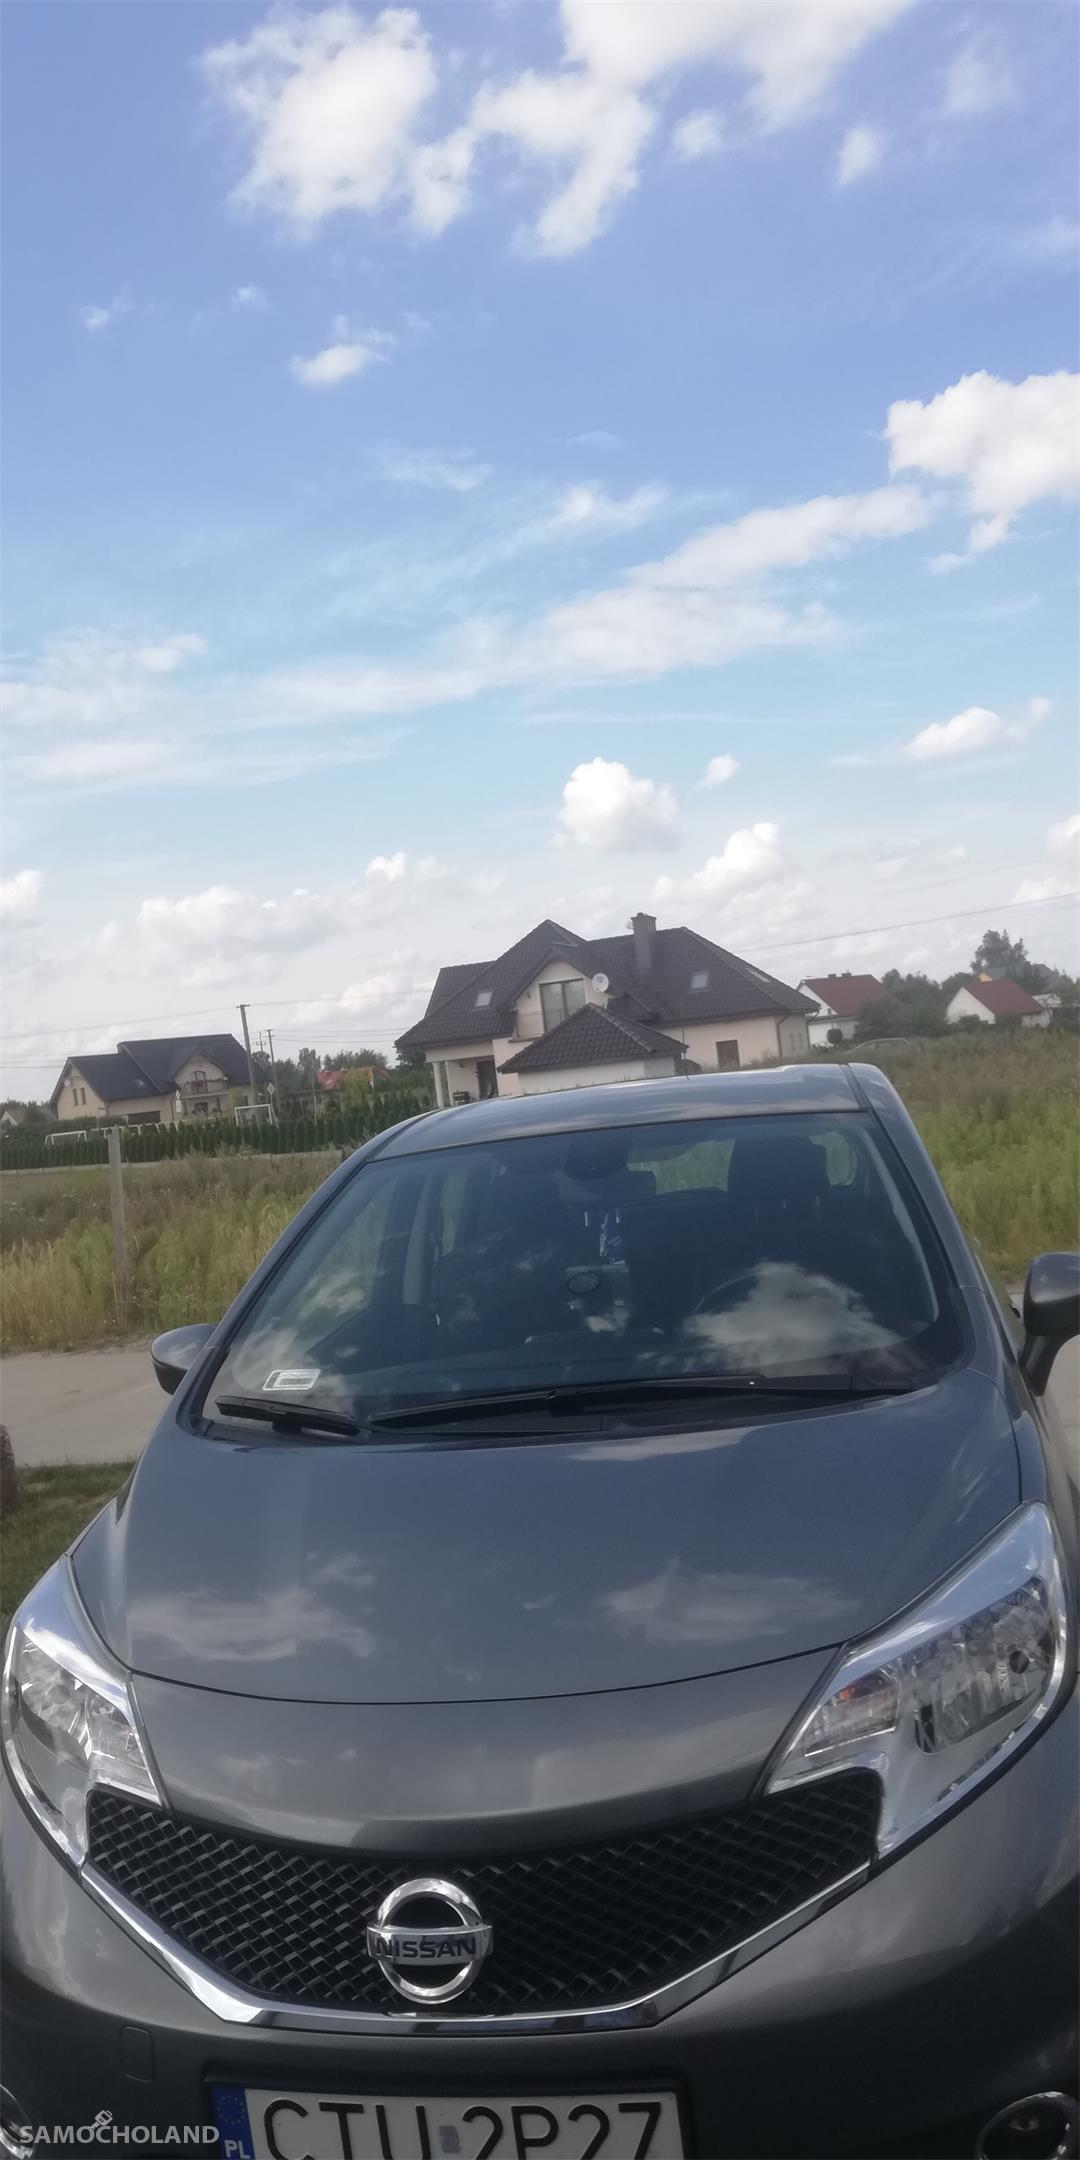 Nissan Note II (2013-) 2016 Mały przebieg. Kupiony w Polskim salonie.Serwisowany. Stan idealny. Pierwszy właściciel. Garażowany 11